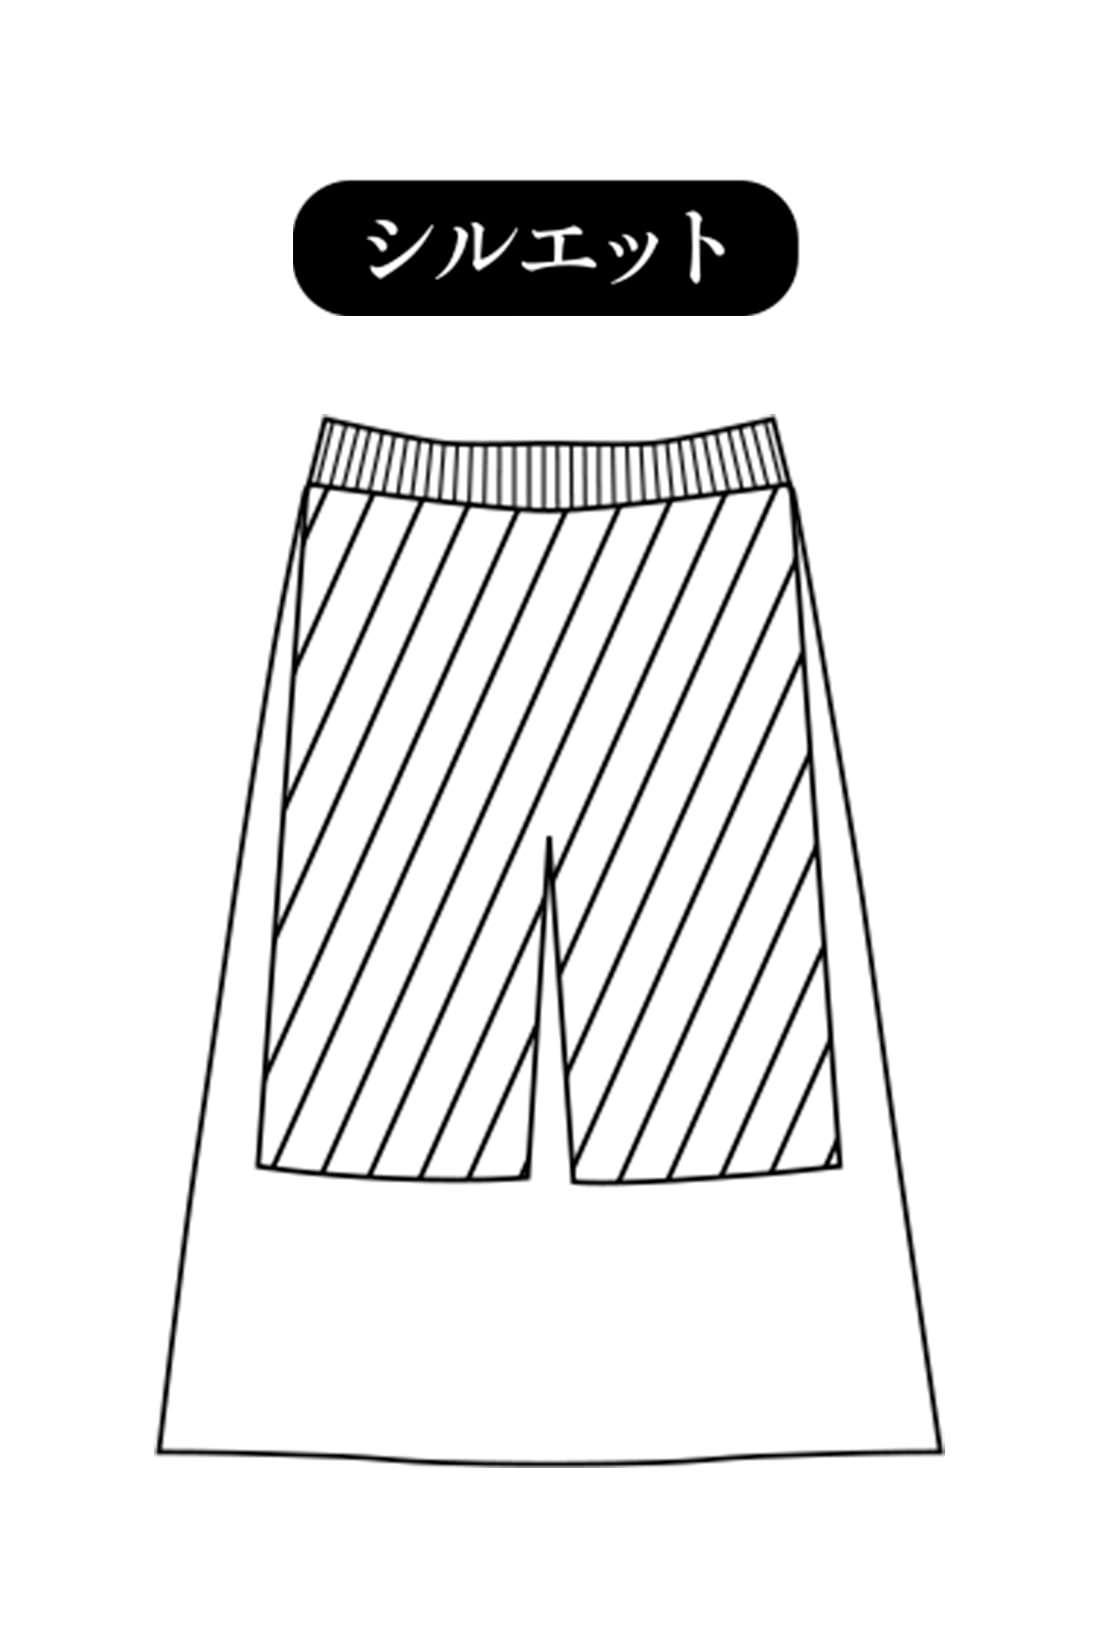 体形カバーをかなえるAライン 上品なミディ丈で座ったときにもひざが出なくてはきやすい、大人好みのほどよいフレアー。ドッキング仕立てのインナーパンツが腰まわりをやさしく包む、暖か仕様です。